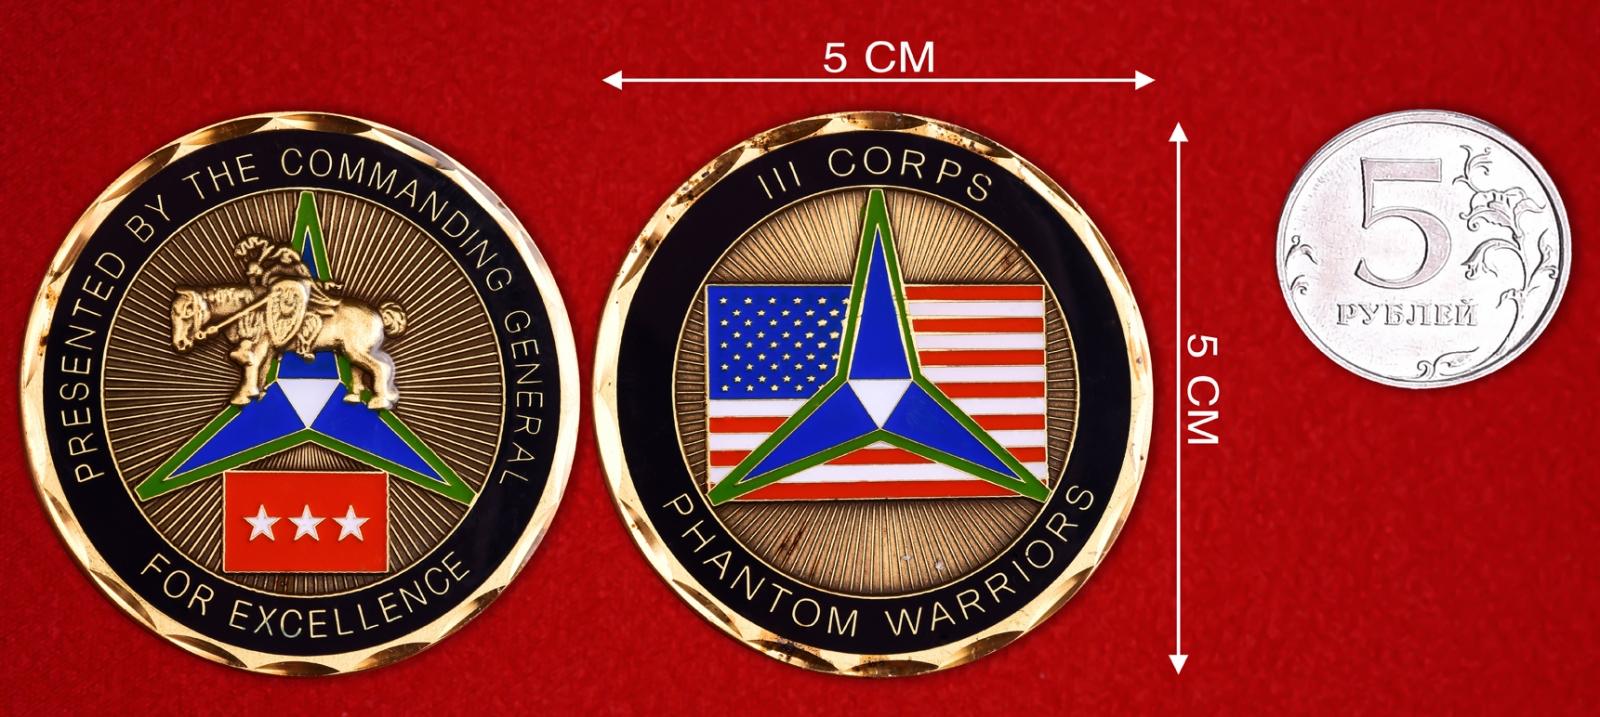 """Награда армии США """"Призрачные воины - За отличную службу от командования 3-го корпуса"""""""